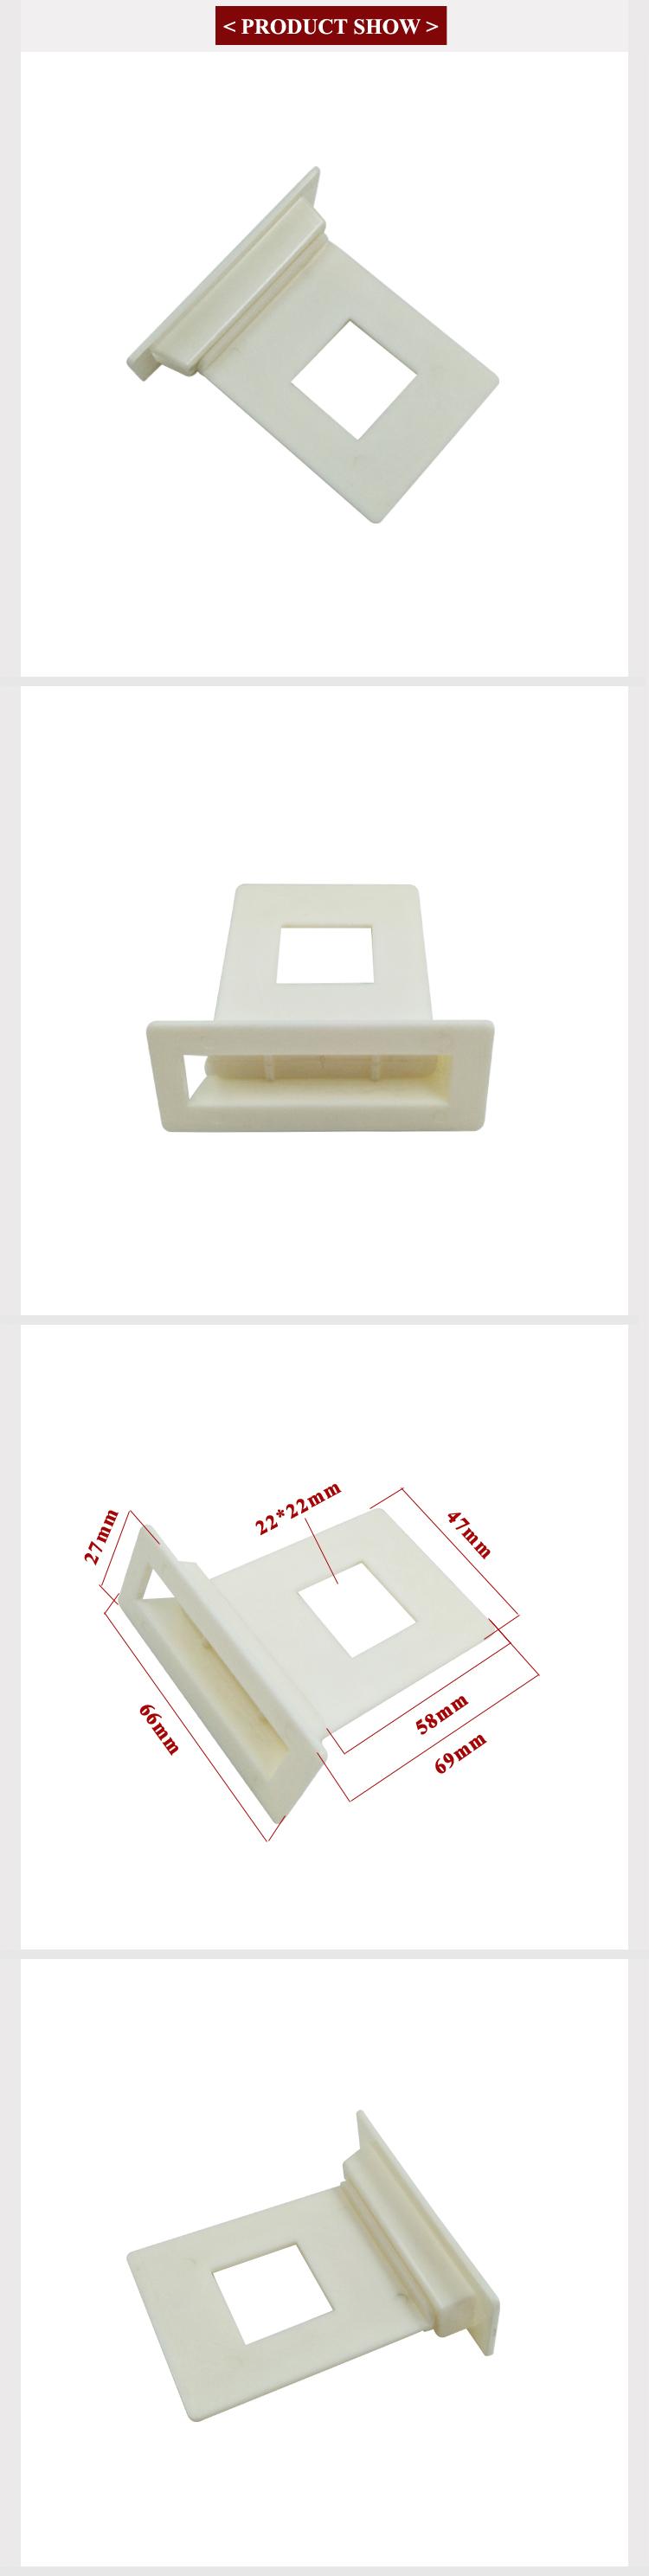 De alta calidad de plástico al por menor de ala Clips colgante pantalla ABS corrugado soporte de estante